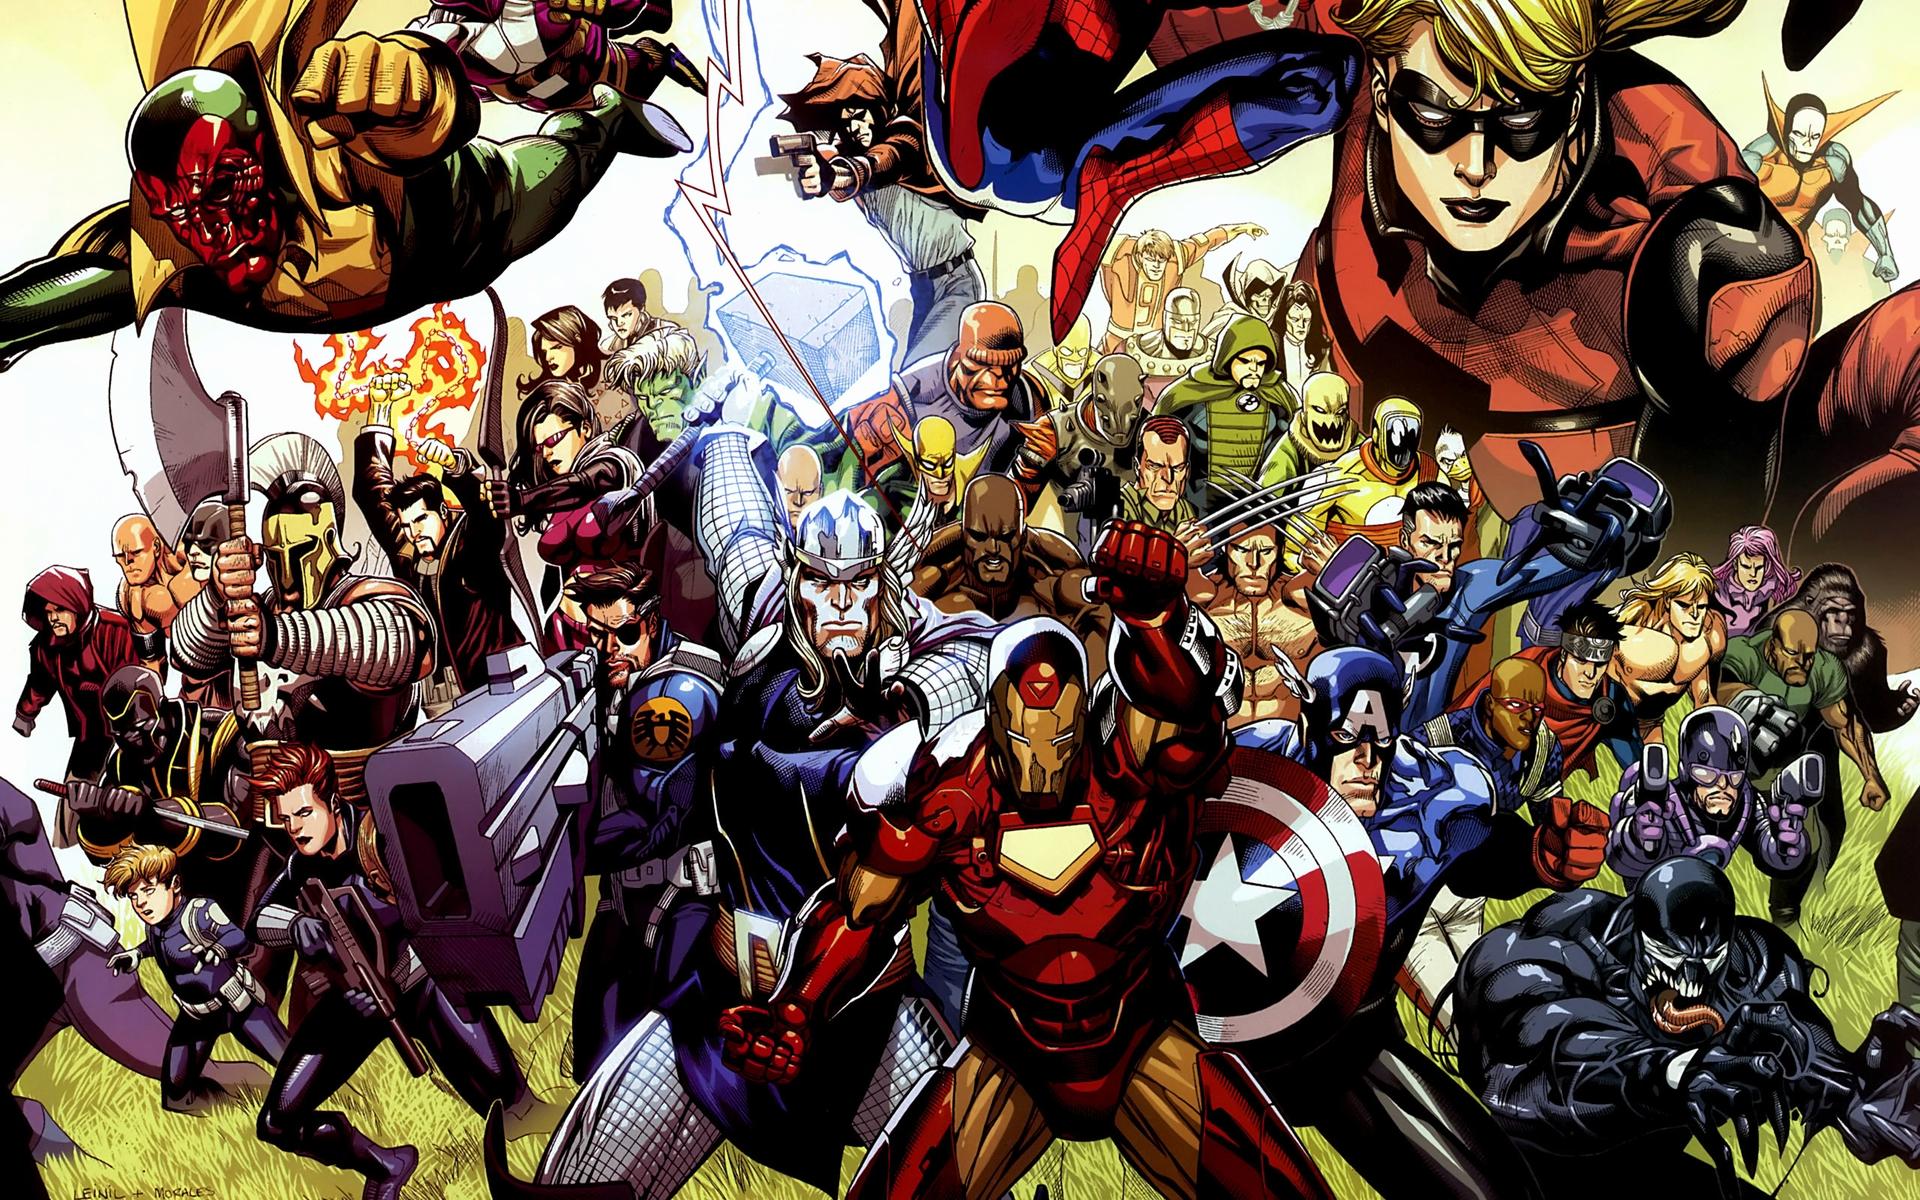 marvel the avengers wallpaper - wallpapersafari